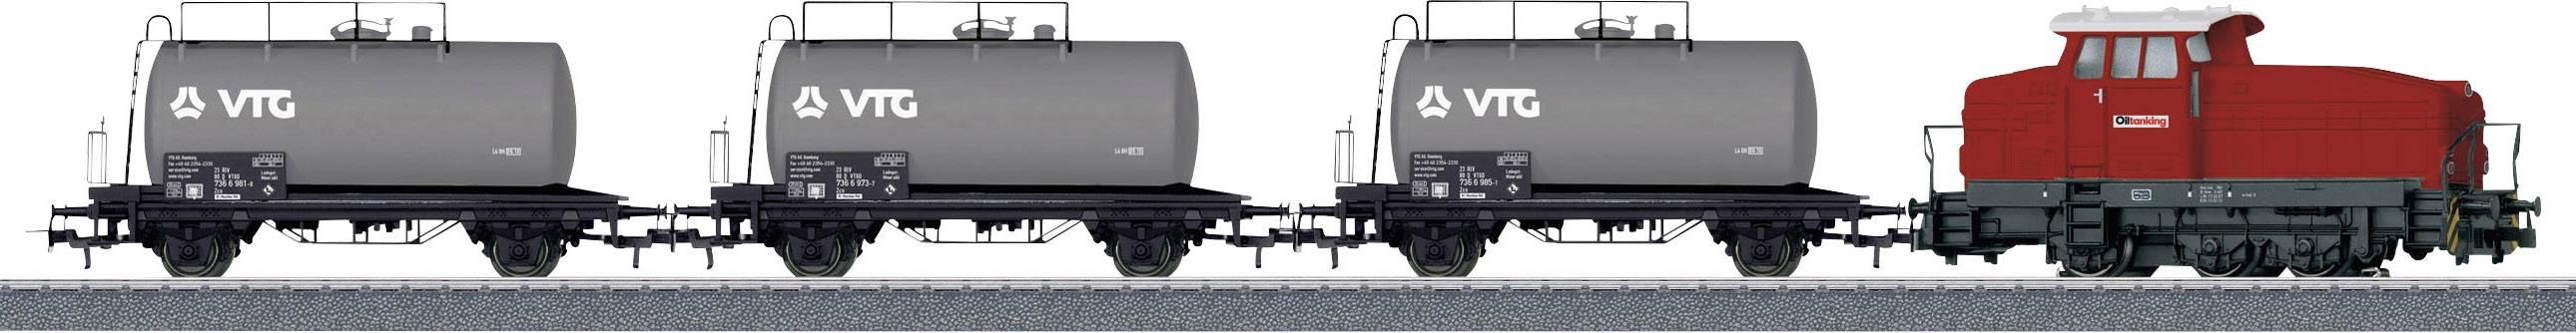 Dieselová nákladní souprava Märklin Start up 26569 H0, cisternové vagóny